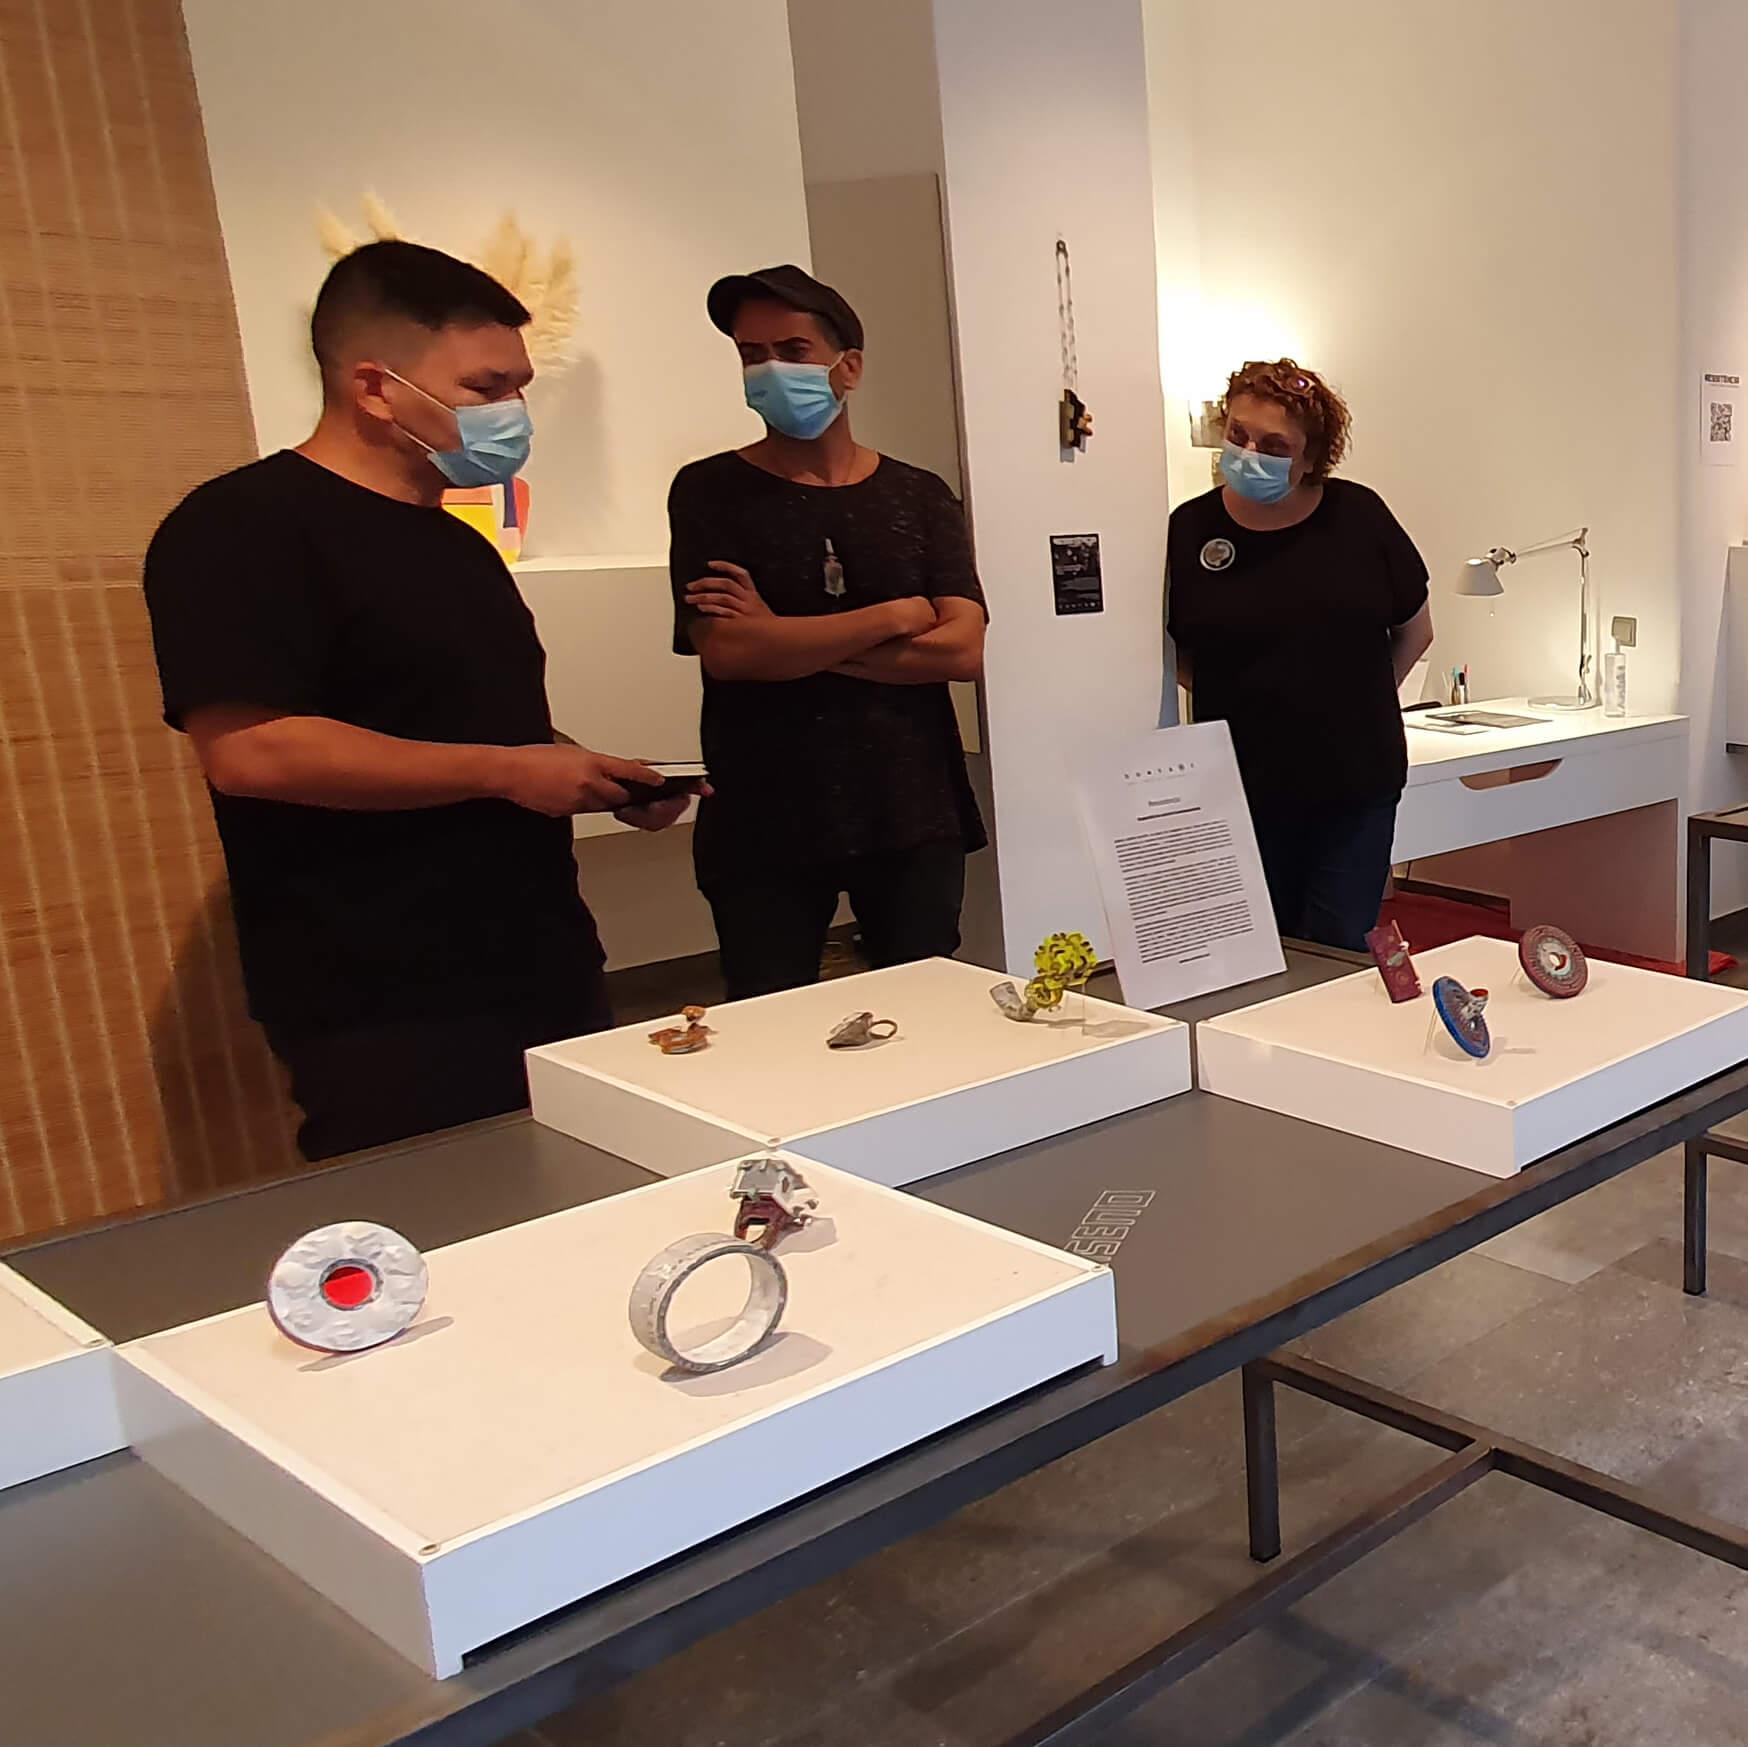 RESISTENCIA Art Jewelry Exhibition Context Gallery